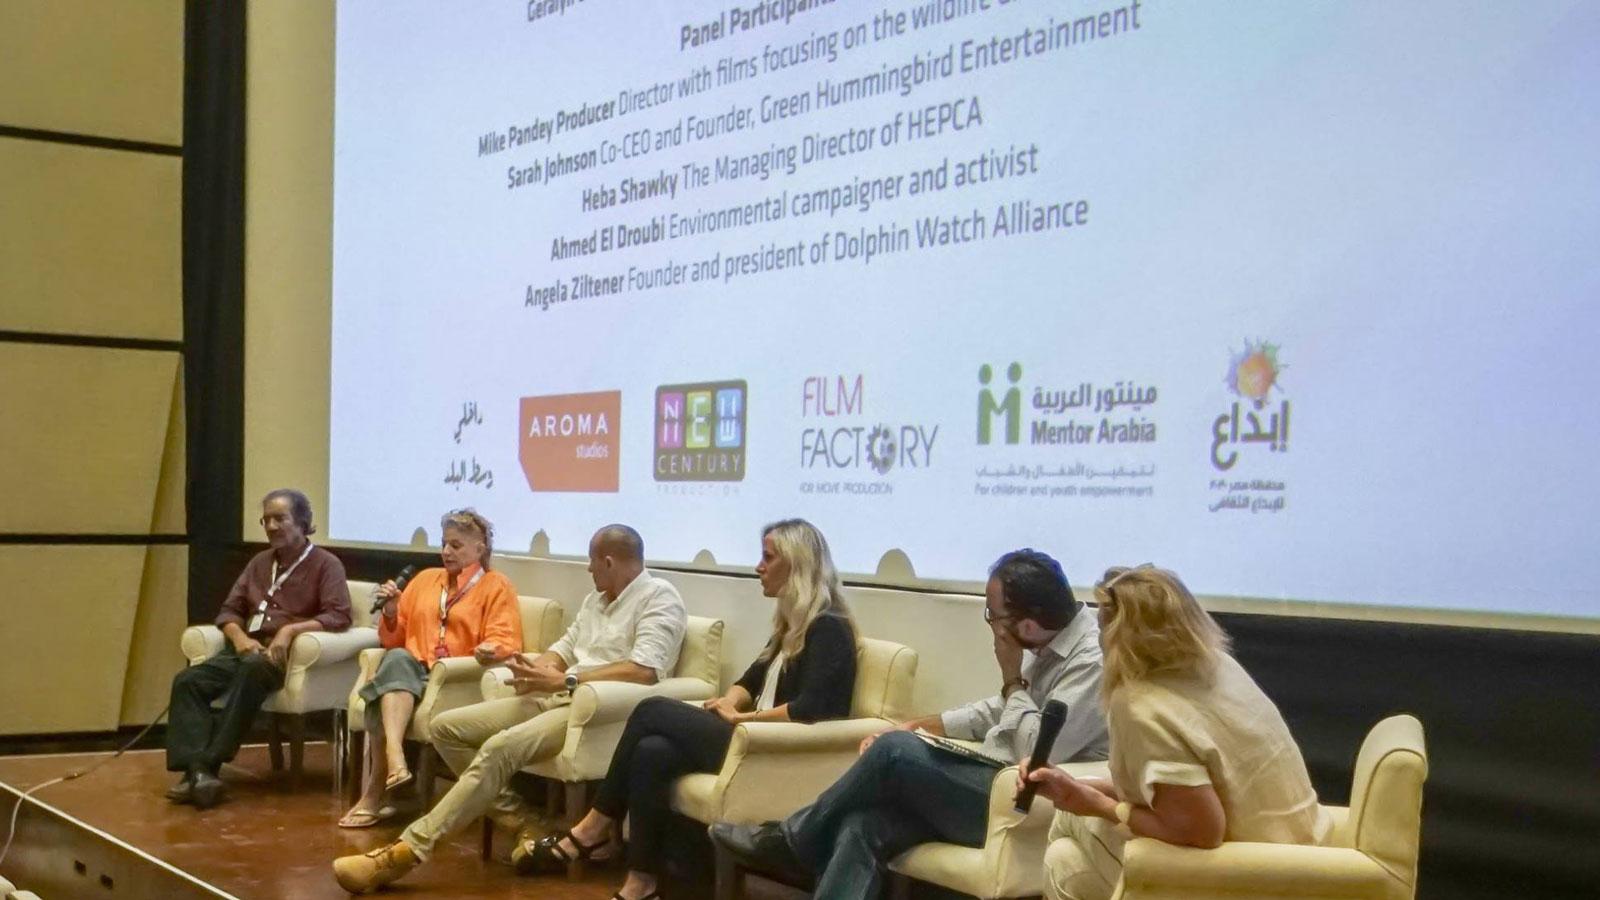 Podiumsdiskussion am El-Gouna Film Festival